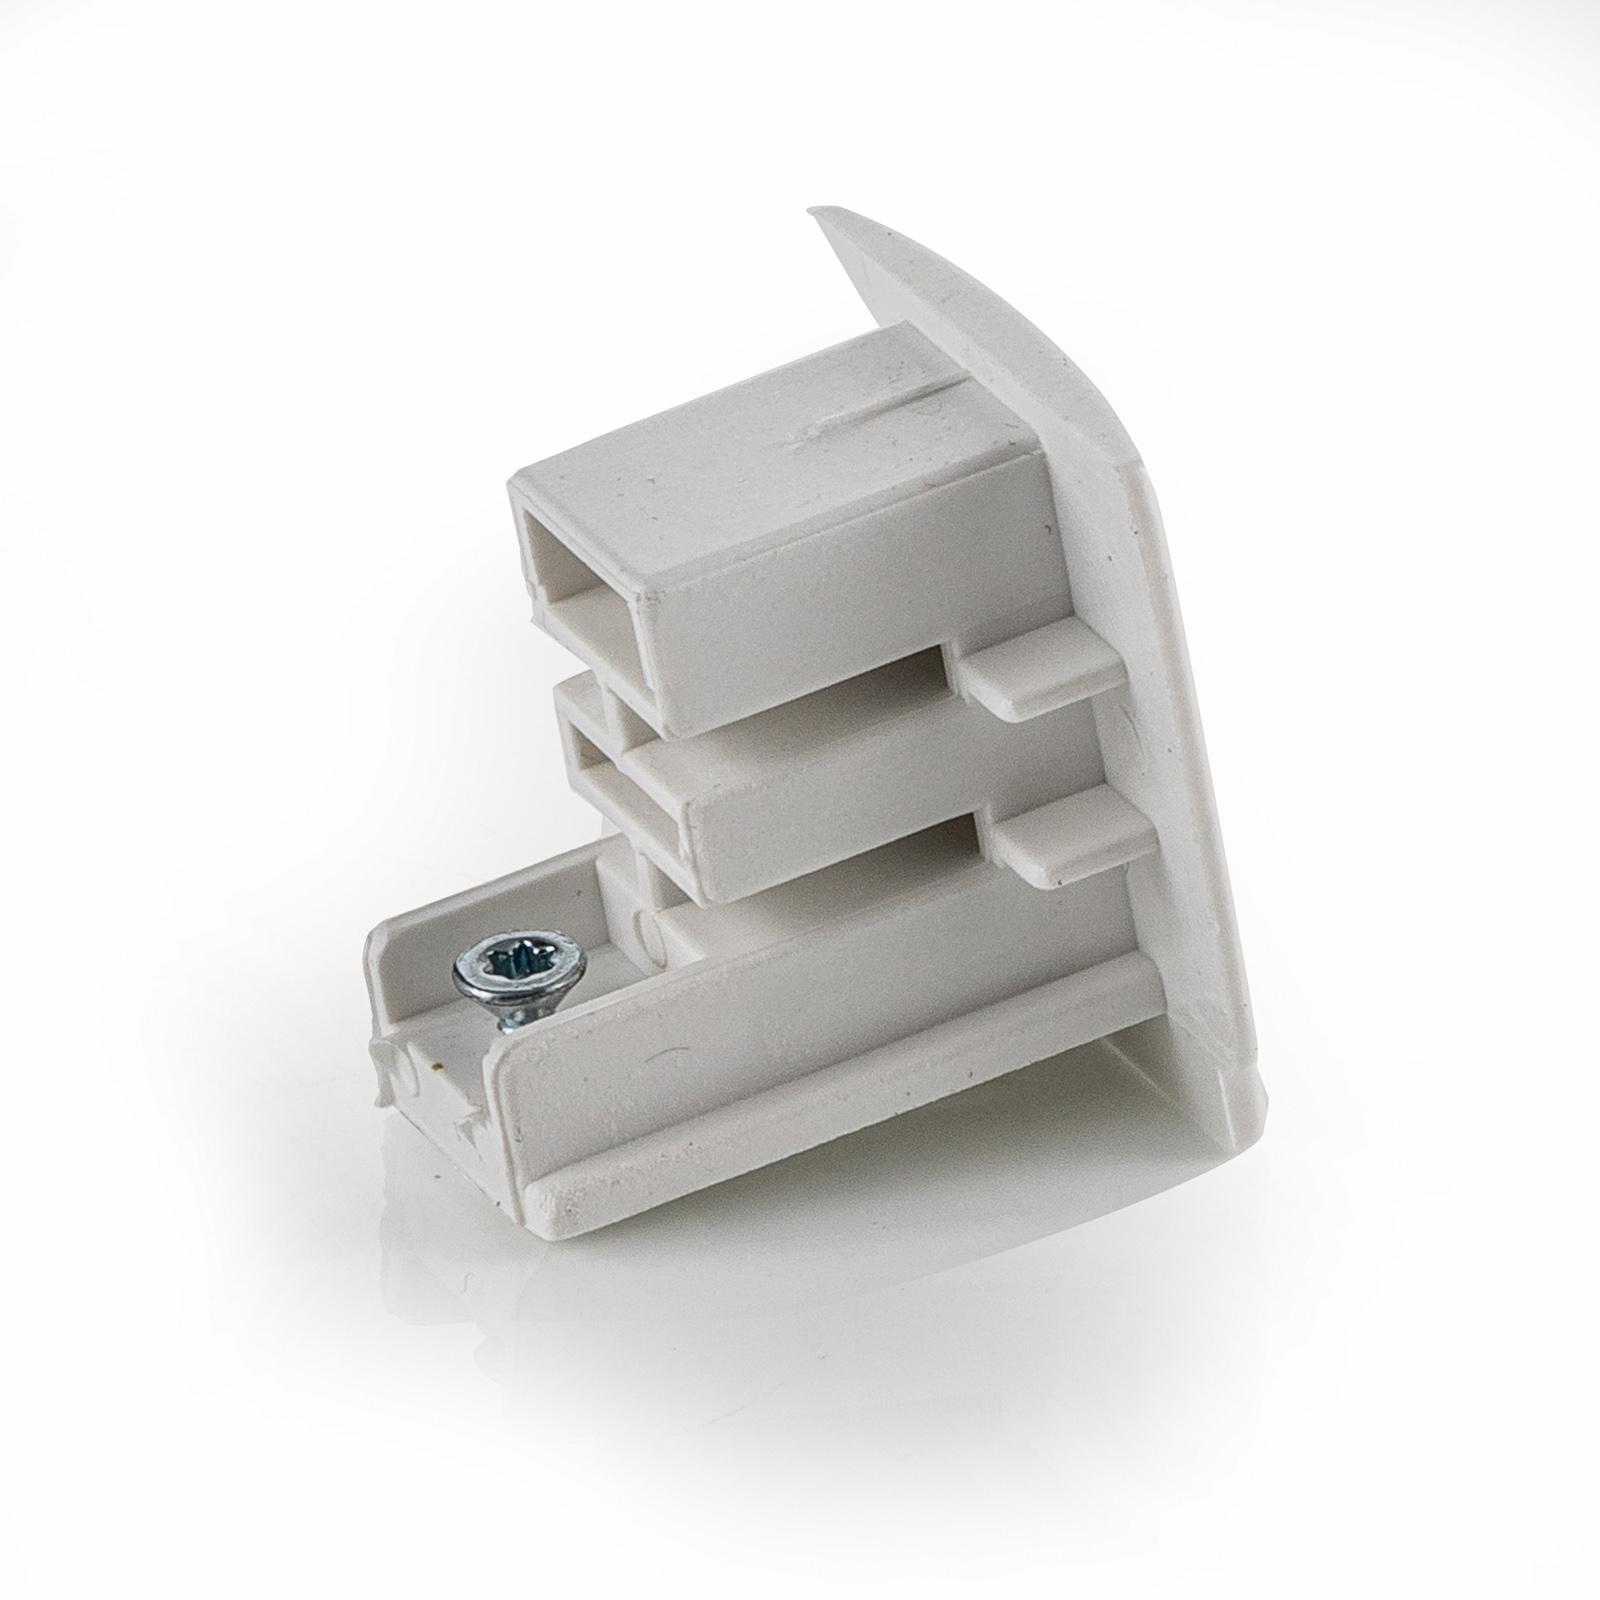 Endkappe für 3-Phasen-Stromschiene Noa, weiß